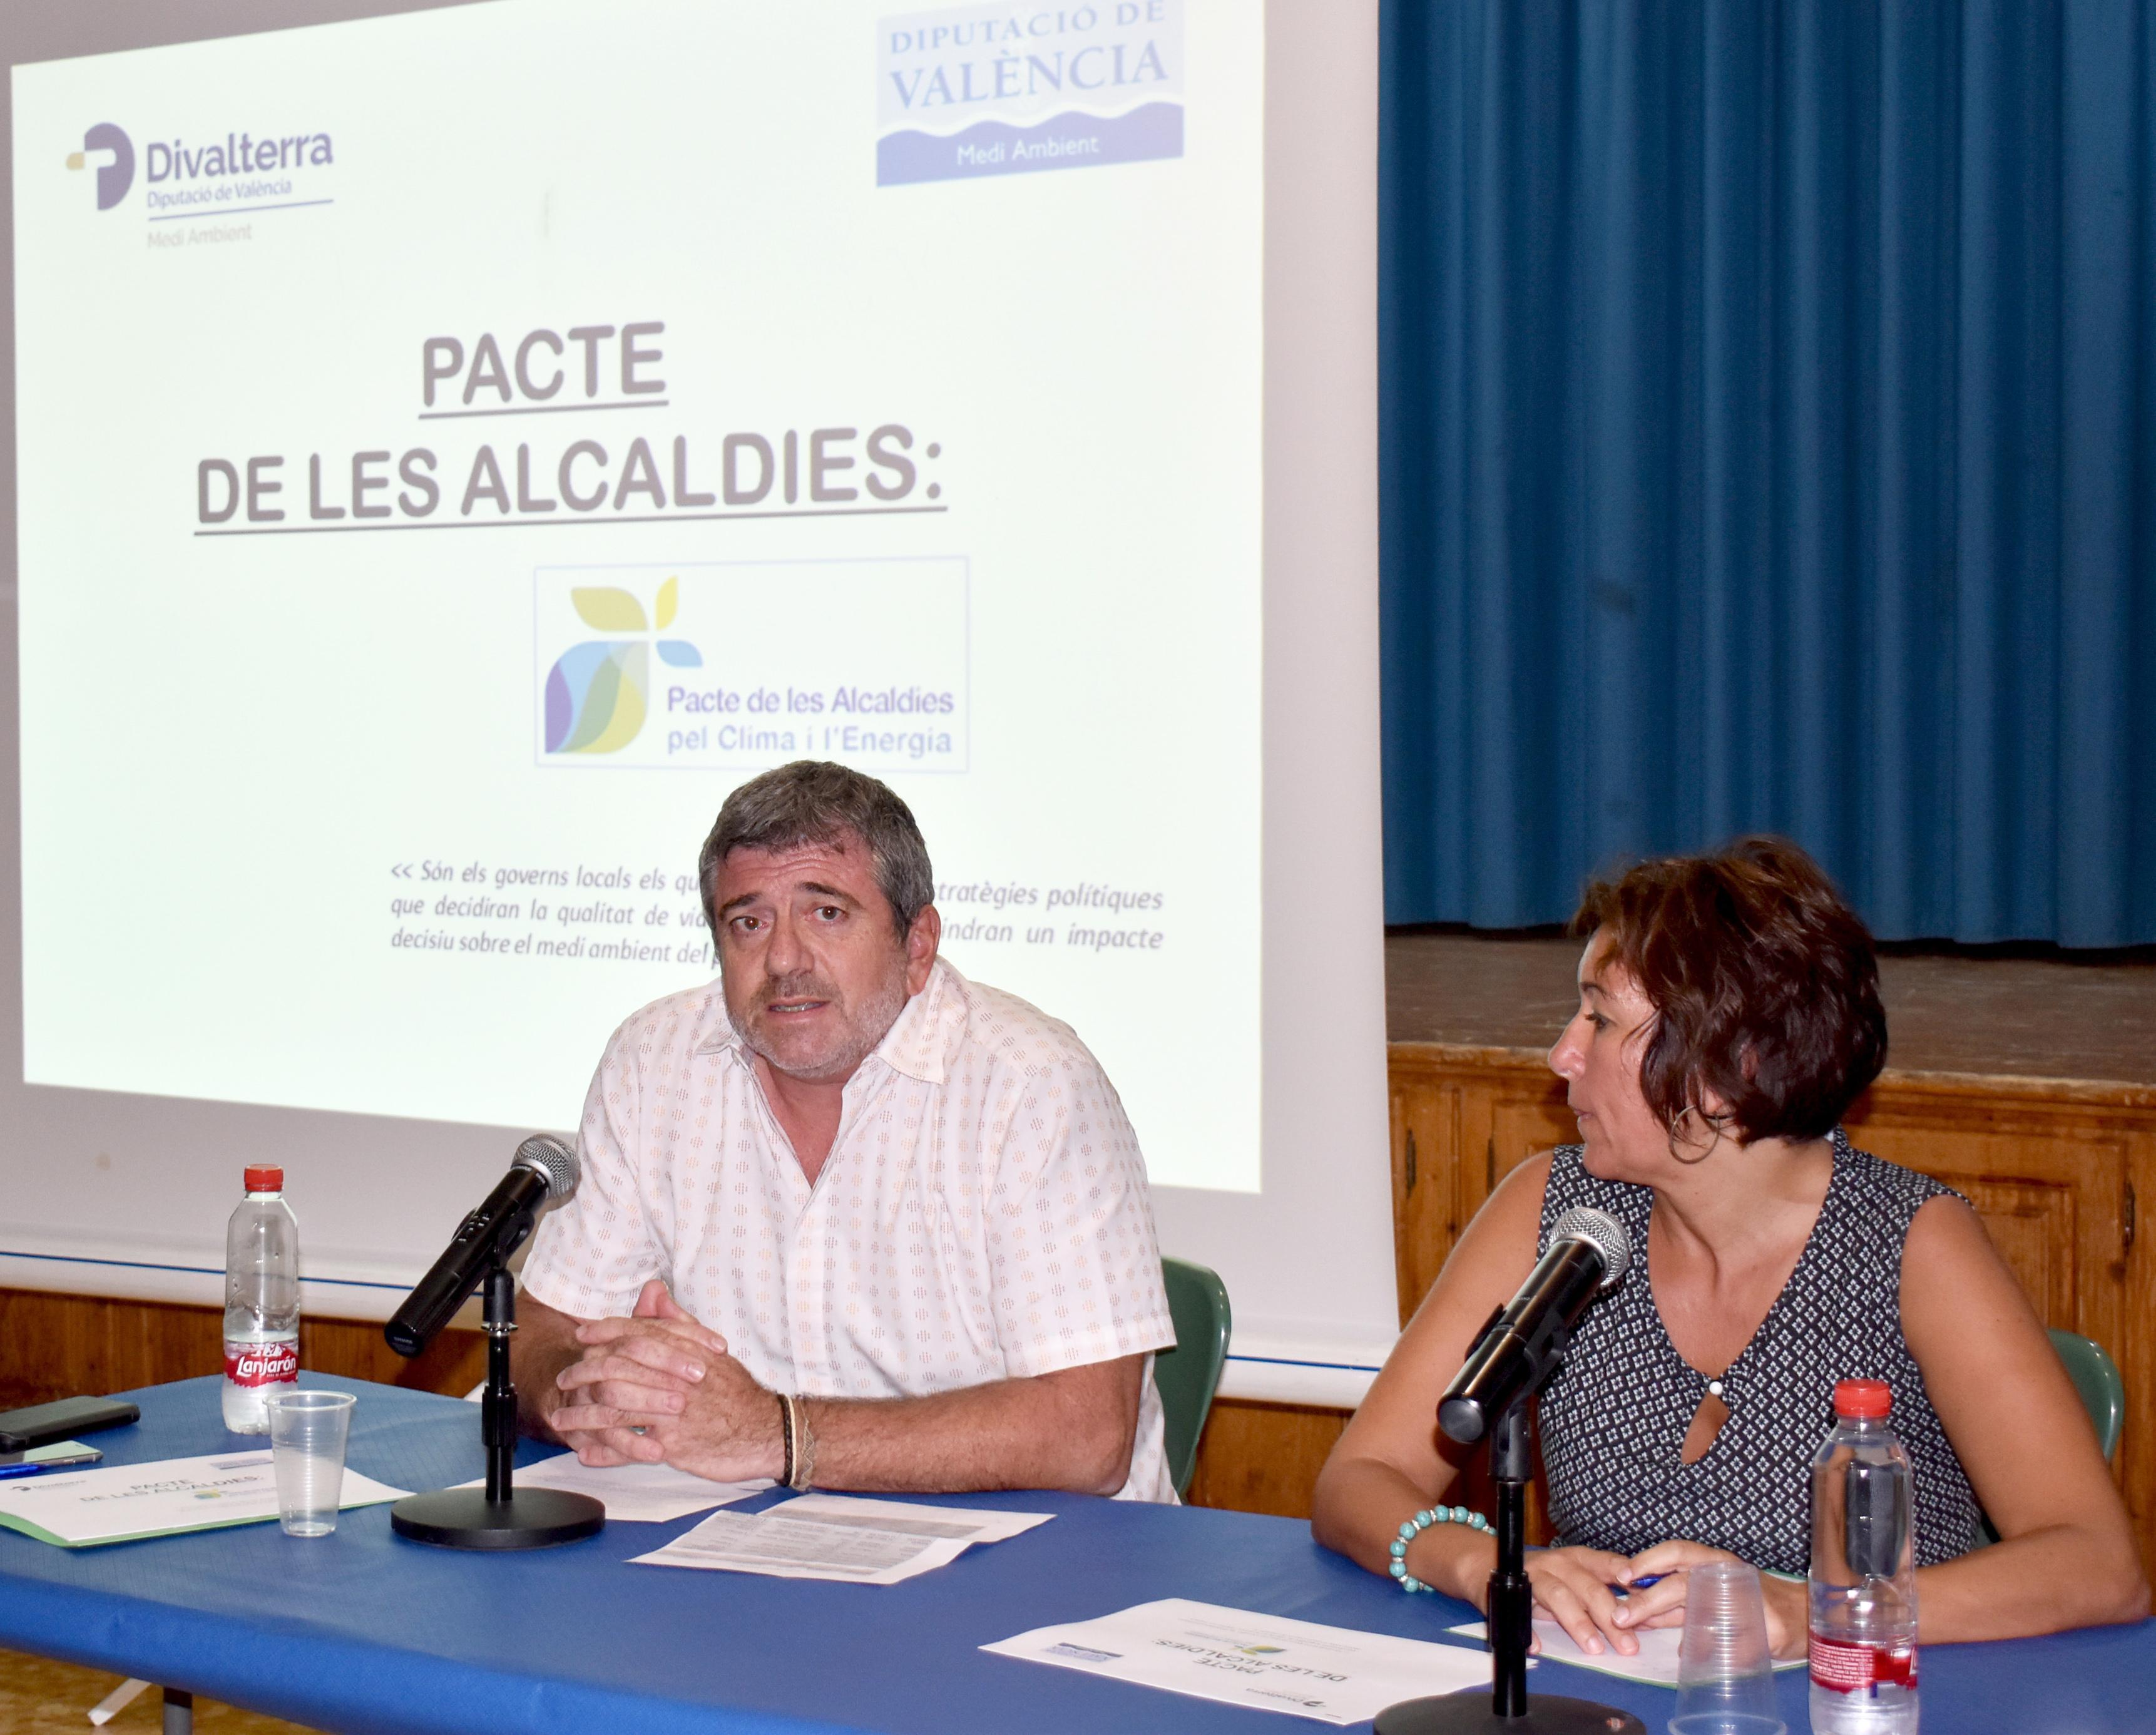 El diputado de Medio Ambiente, Josep Bort, anuncia que el proceso de recopilación de datos comenzará en los municipios adheridos al Pacto en la Ribera Alta y la Ribera Baja.